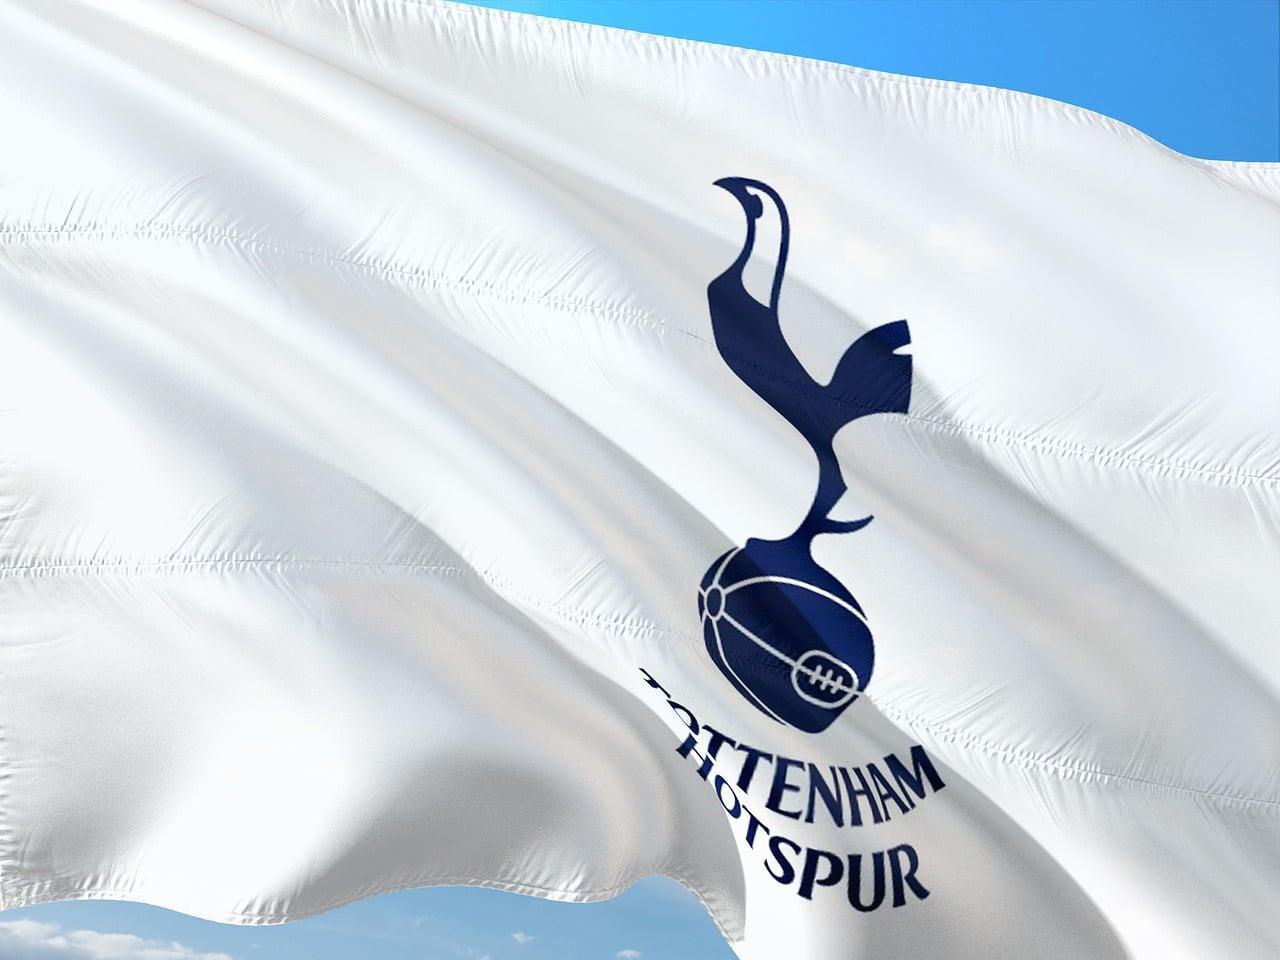 Tottenham hotspur 1